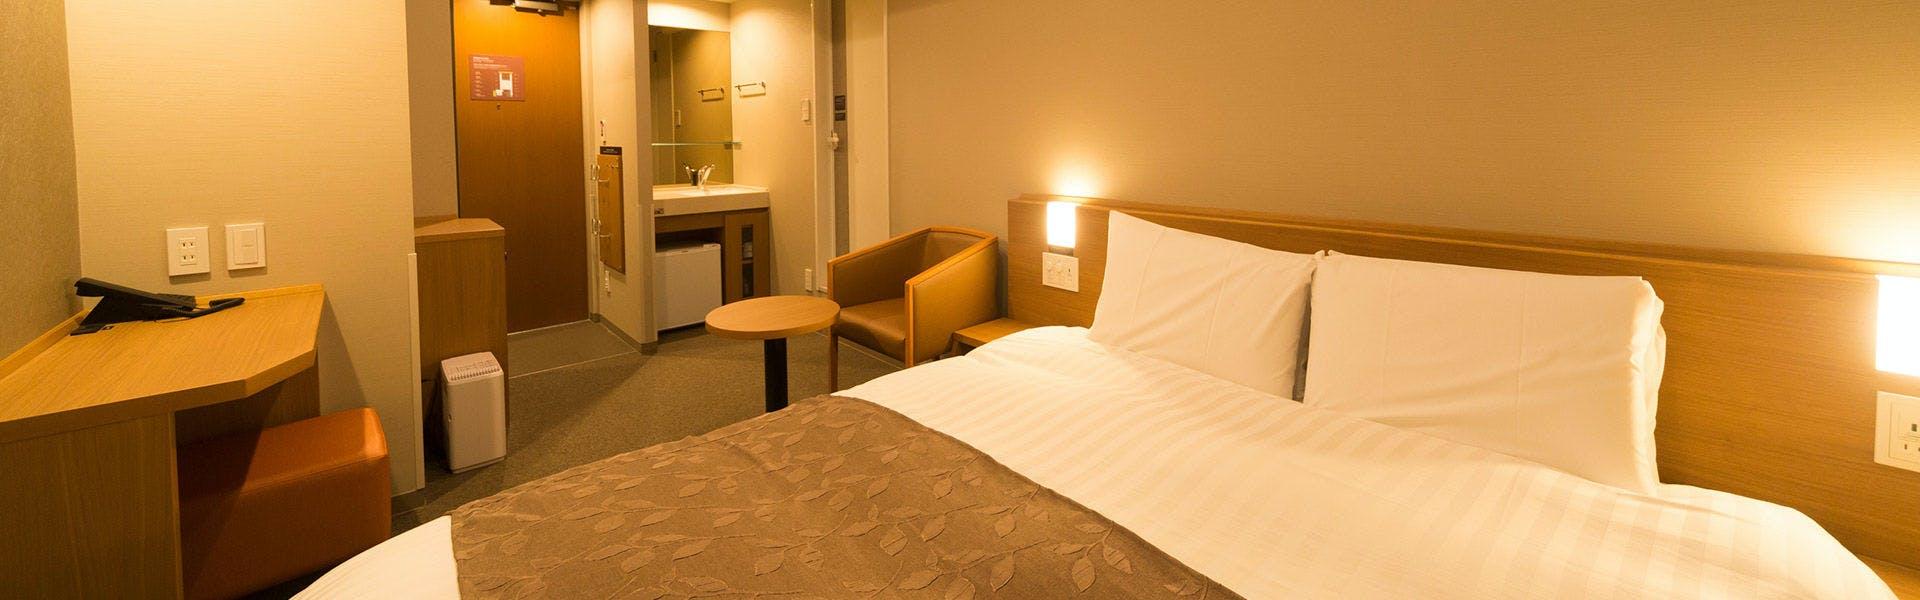 記念日におすすめのホテル・亀島川温泉 新川の湯 ドーミーイン東京八丁堀の写真2